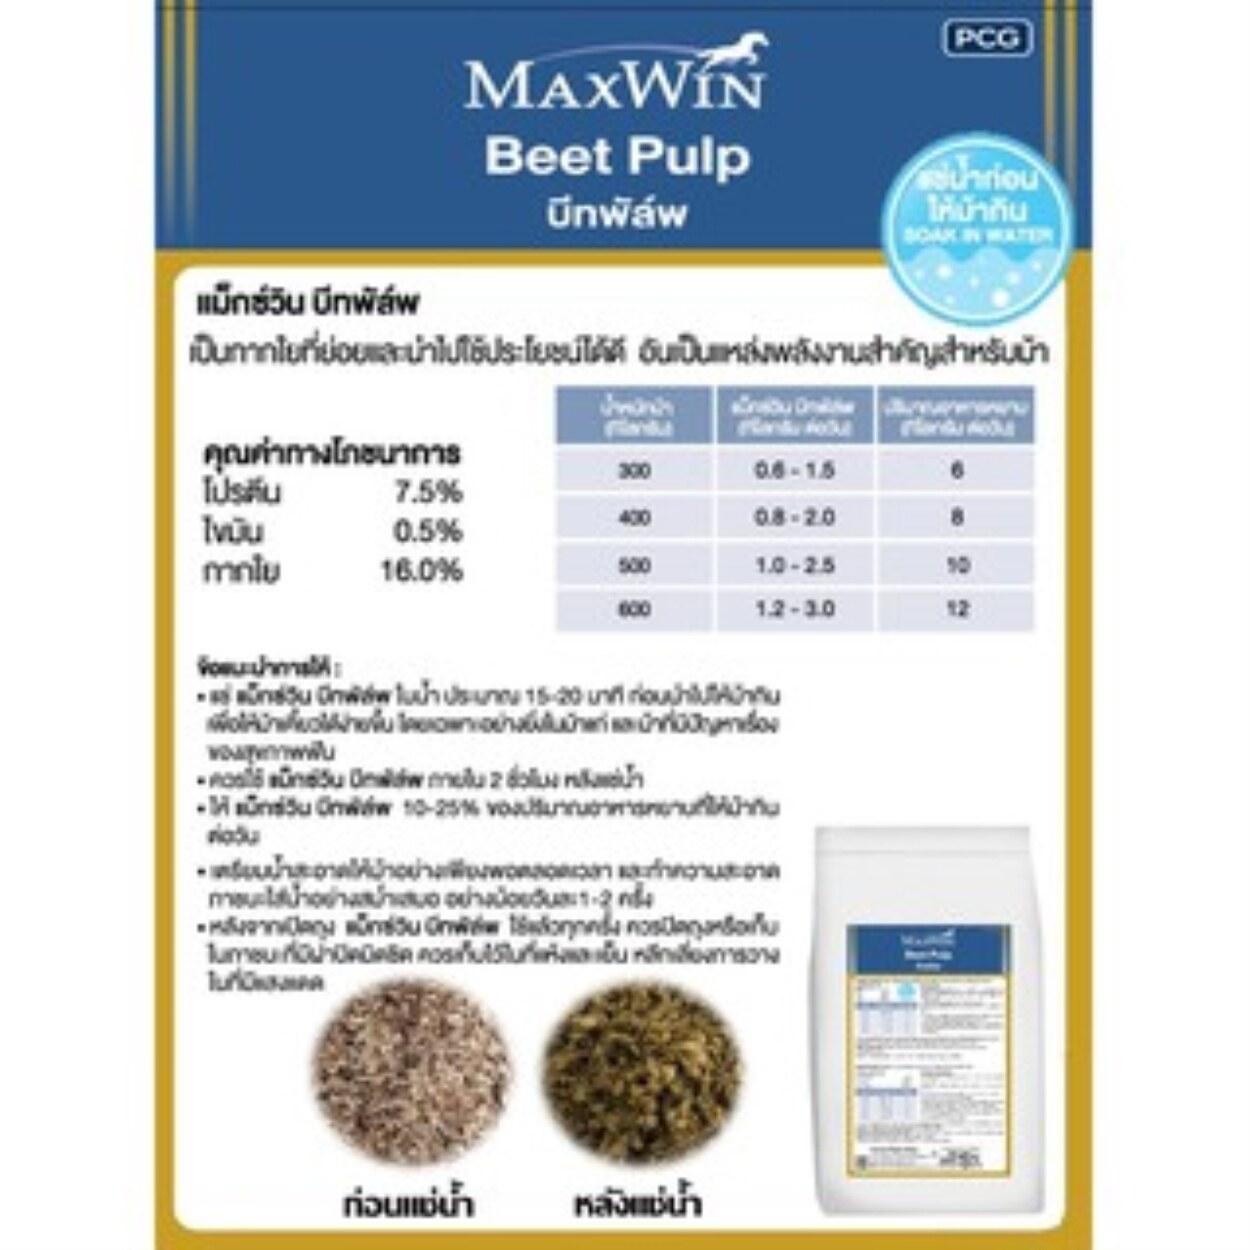 แม็กซ์วิน บีทพัล์พ ขนาด 15 กิโลกรัม / MaxWin Beet Pulp 15kg.